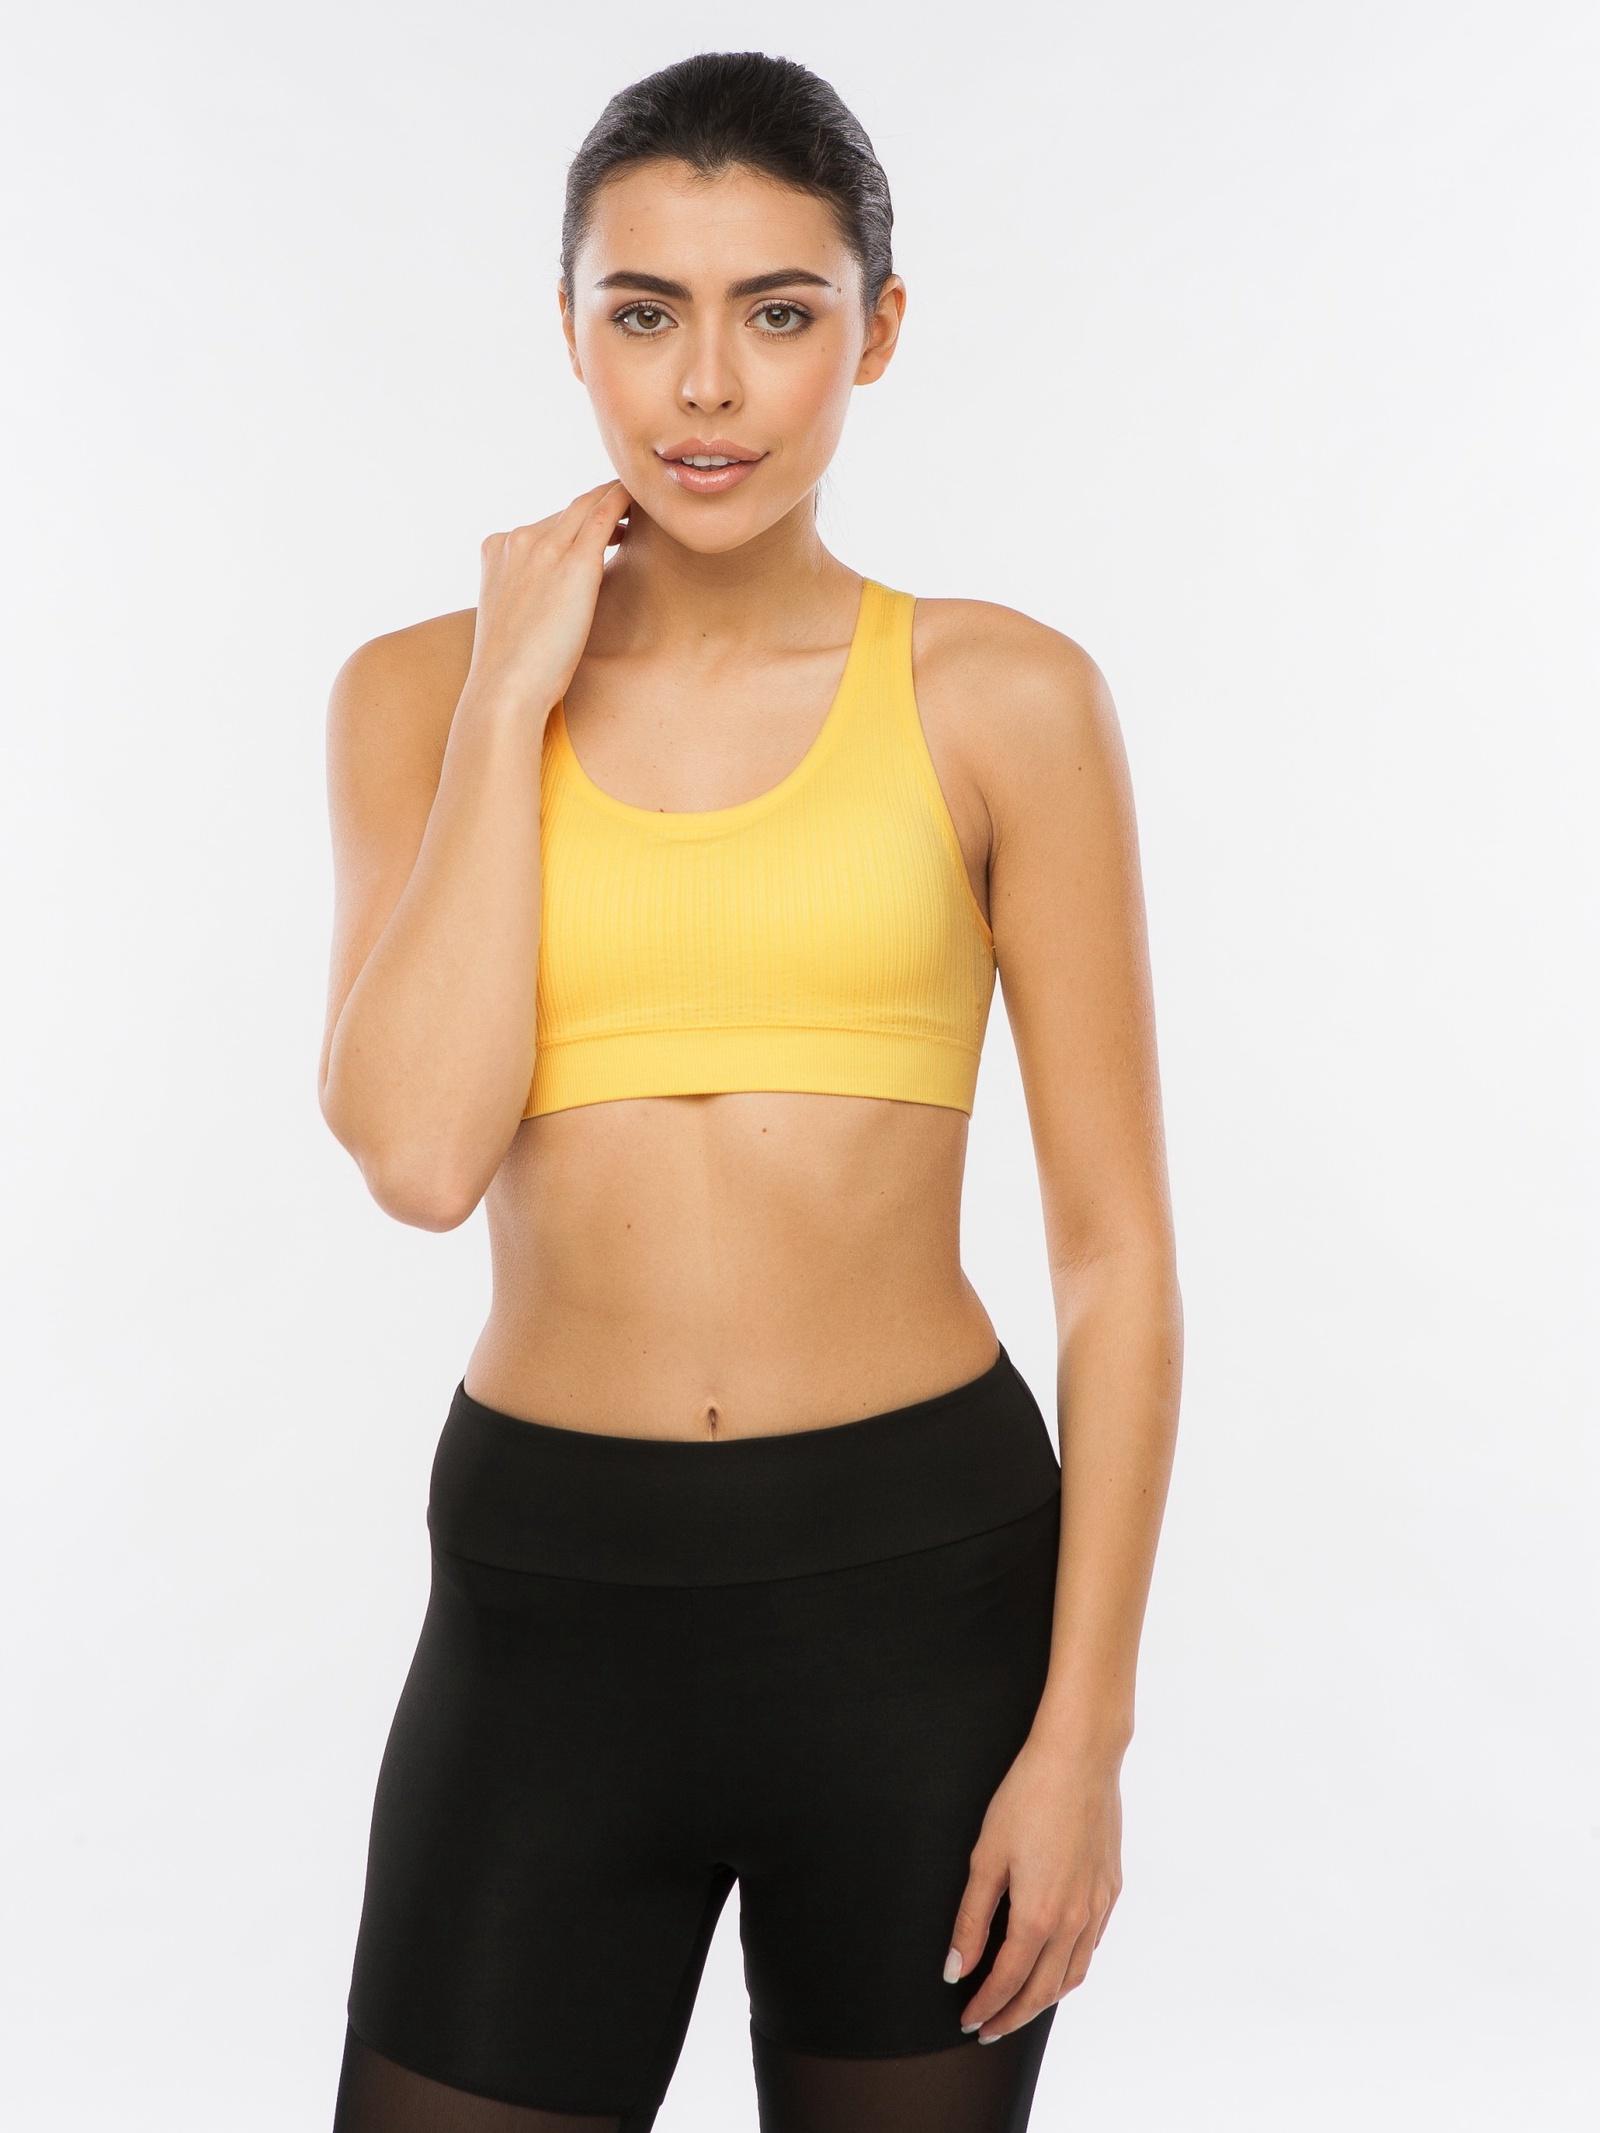 Топ Pro-fit женский бюстгальтер топ для фитнеса comfort